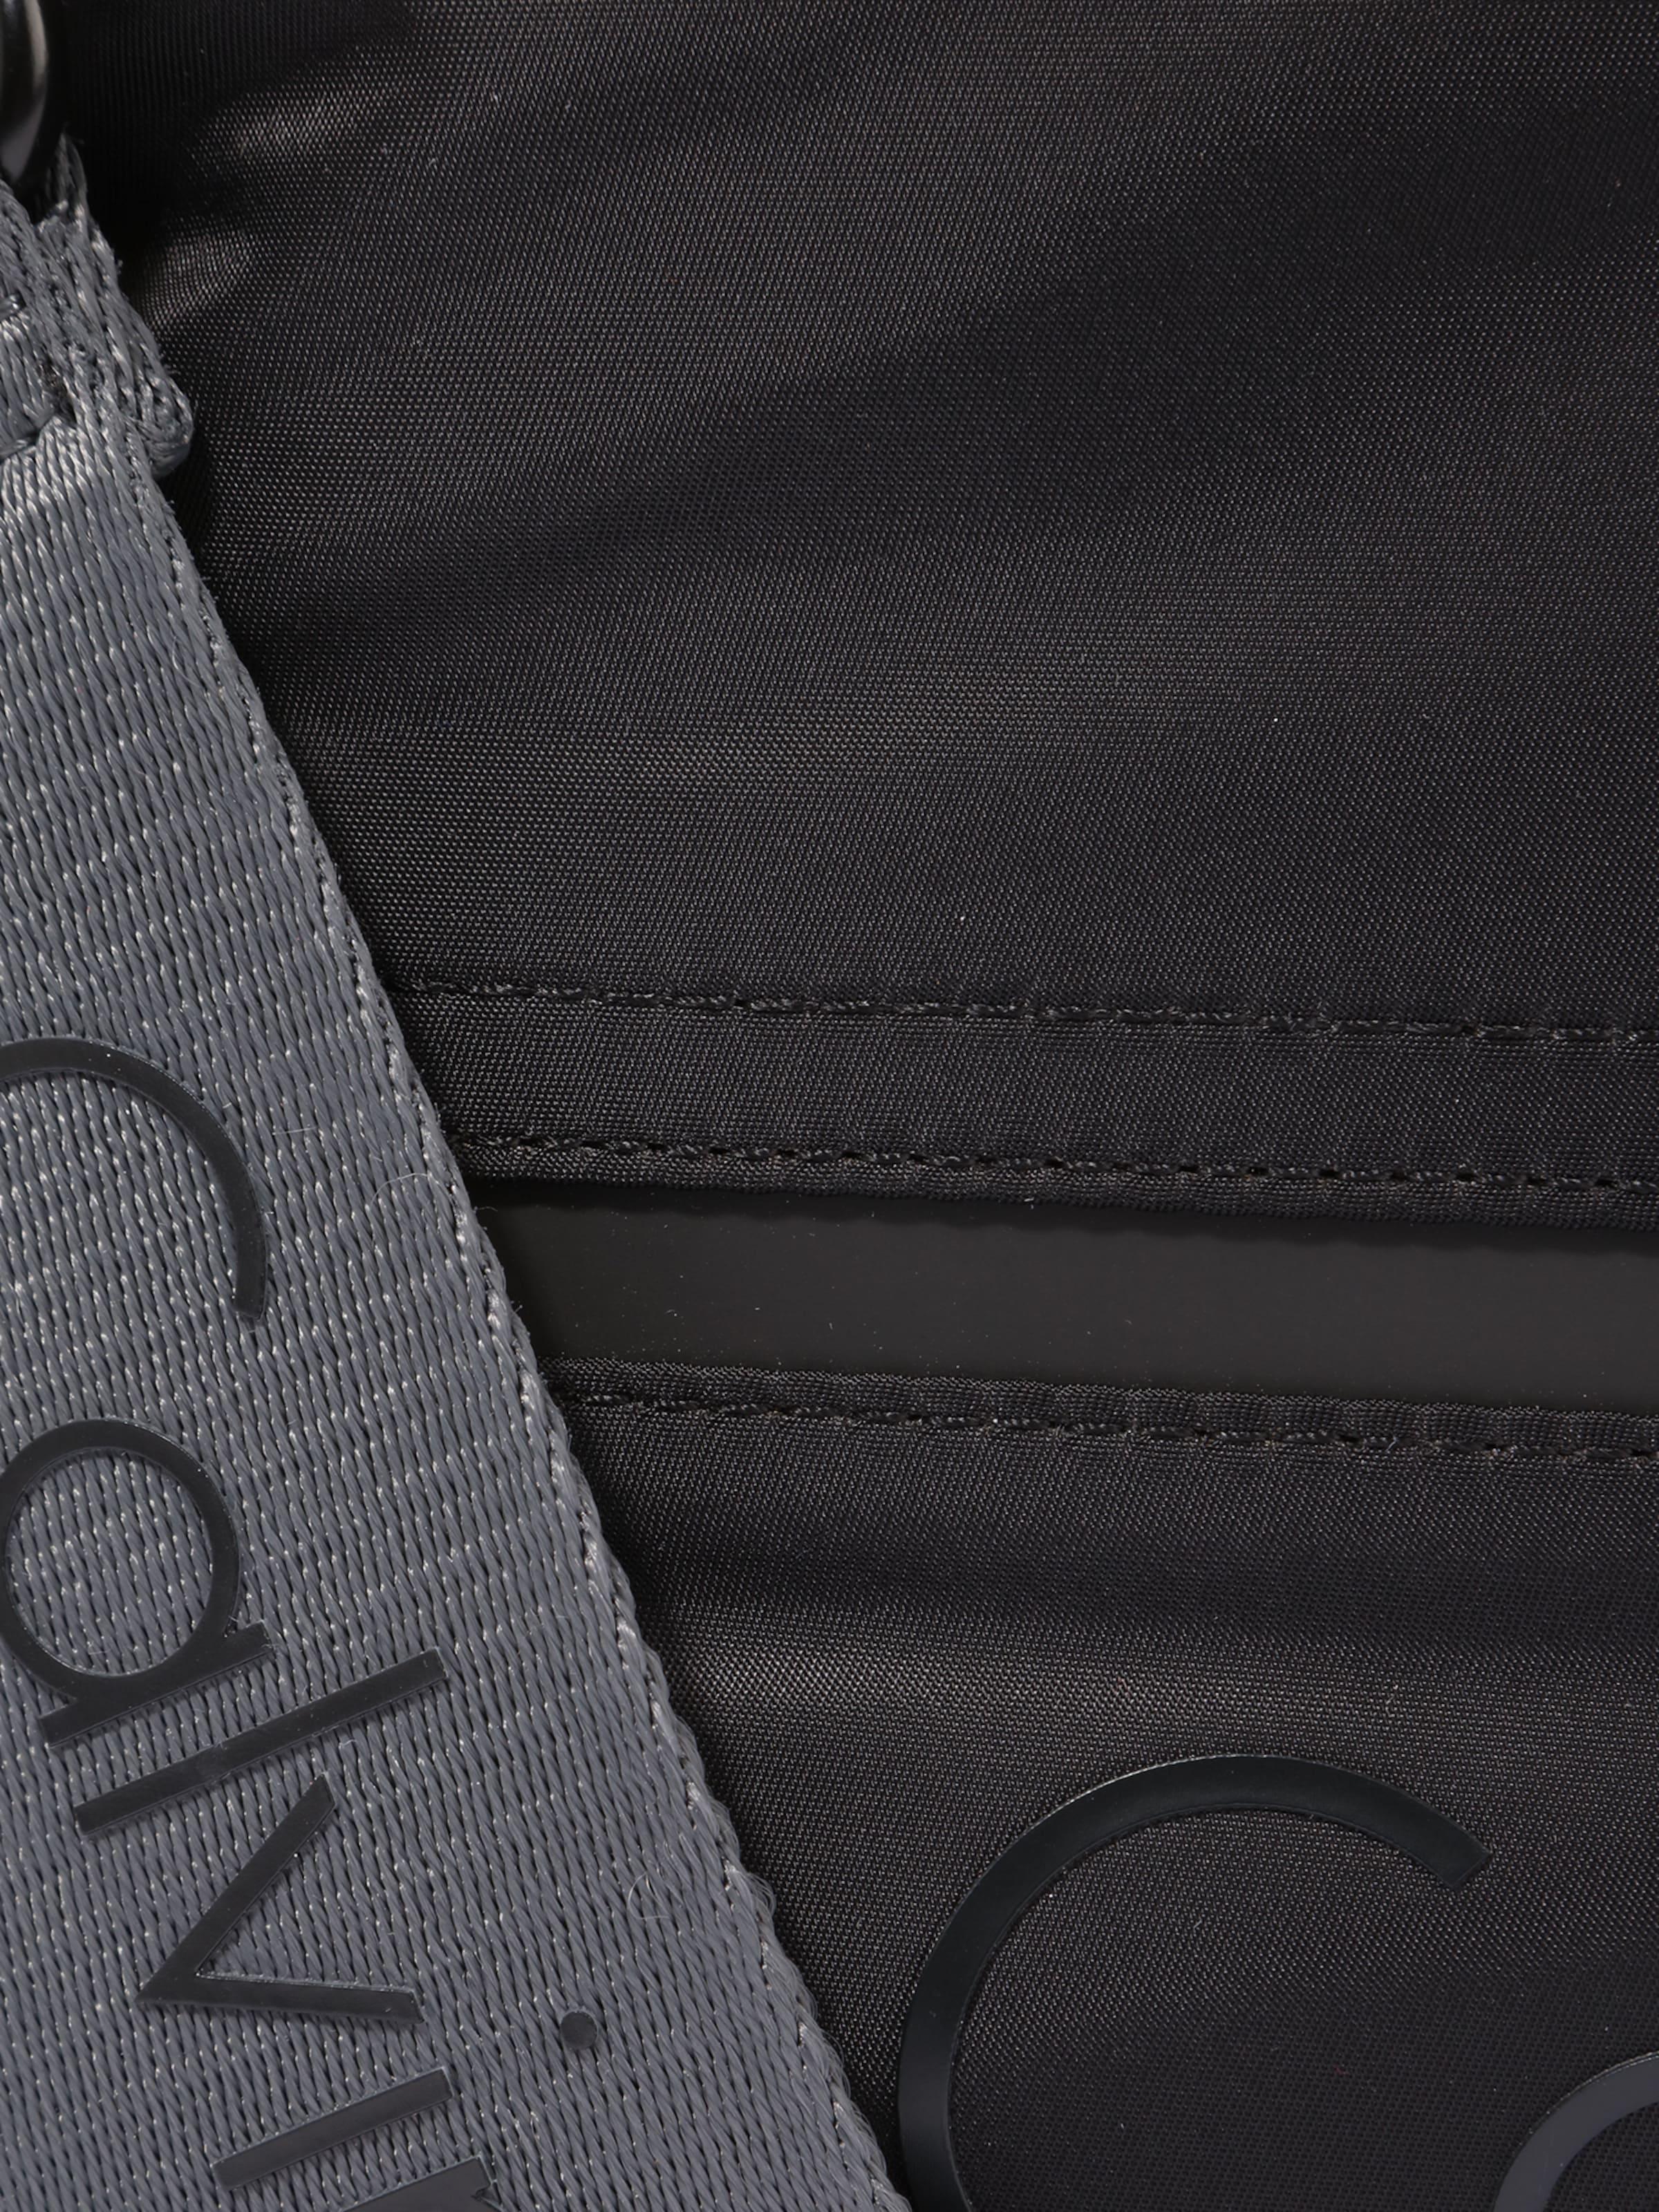 2 Calvin Calvin Klein Klein 'MATTHEW 0' Laptoptasche Laptoptasche d8wpqEYx